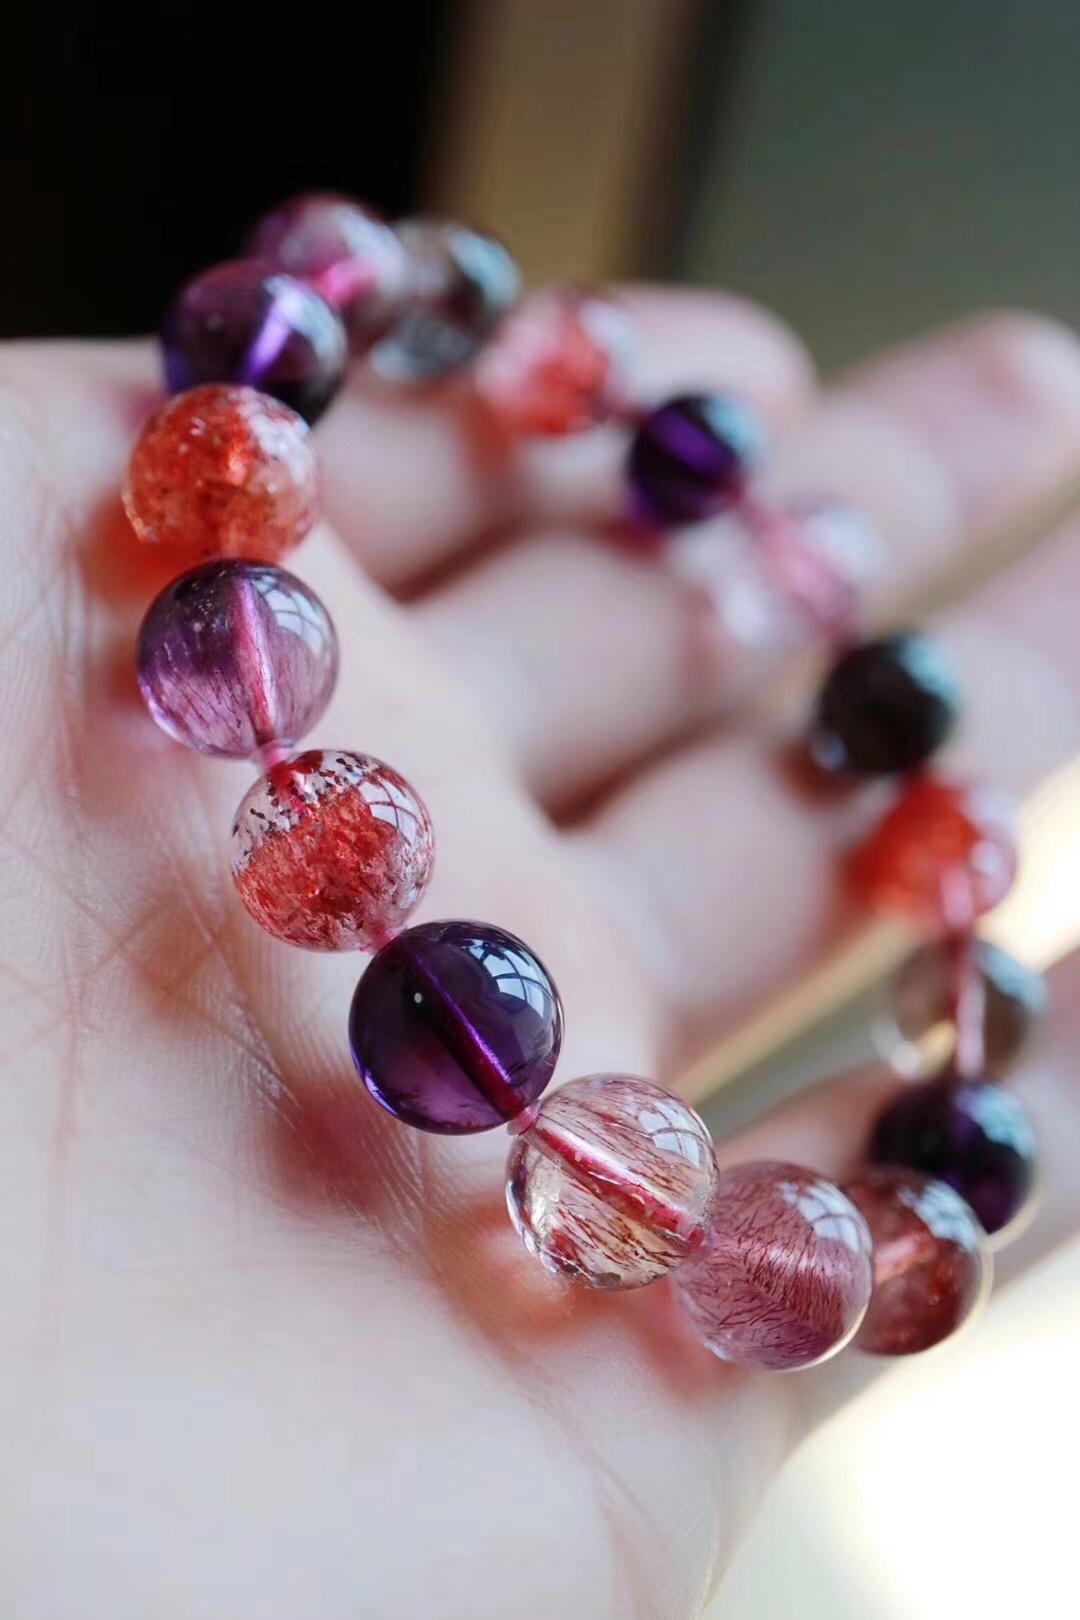 【菩心 | 超七紫发晶】三轮骨干紫发晶,平和内心,带来诸多灵感。-菩心晶舍